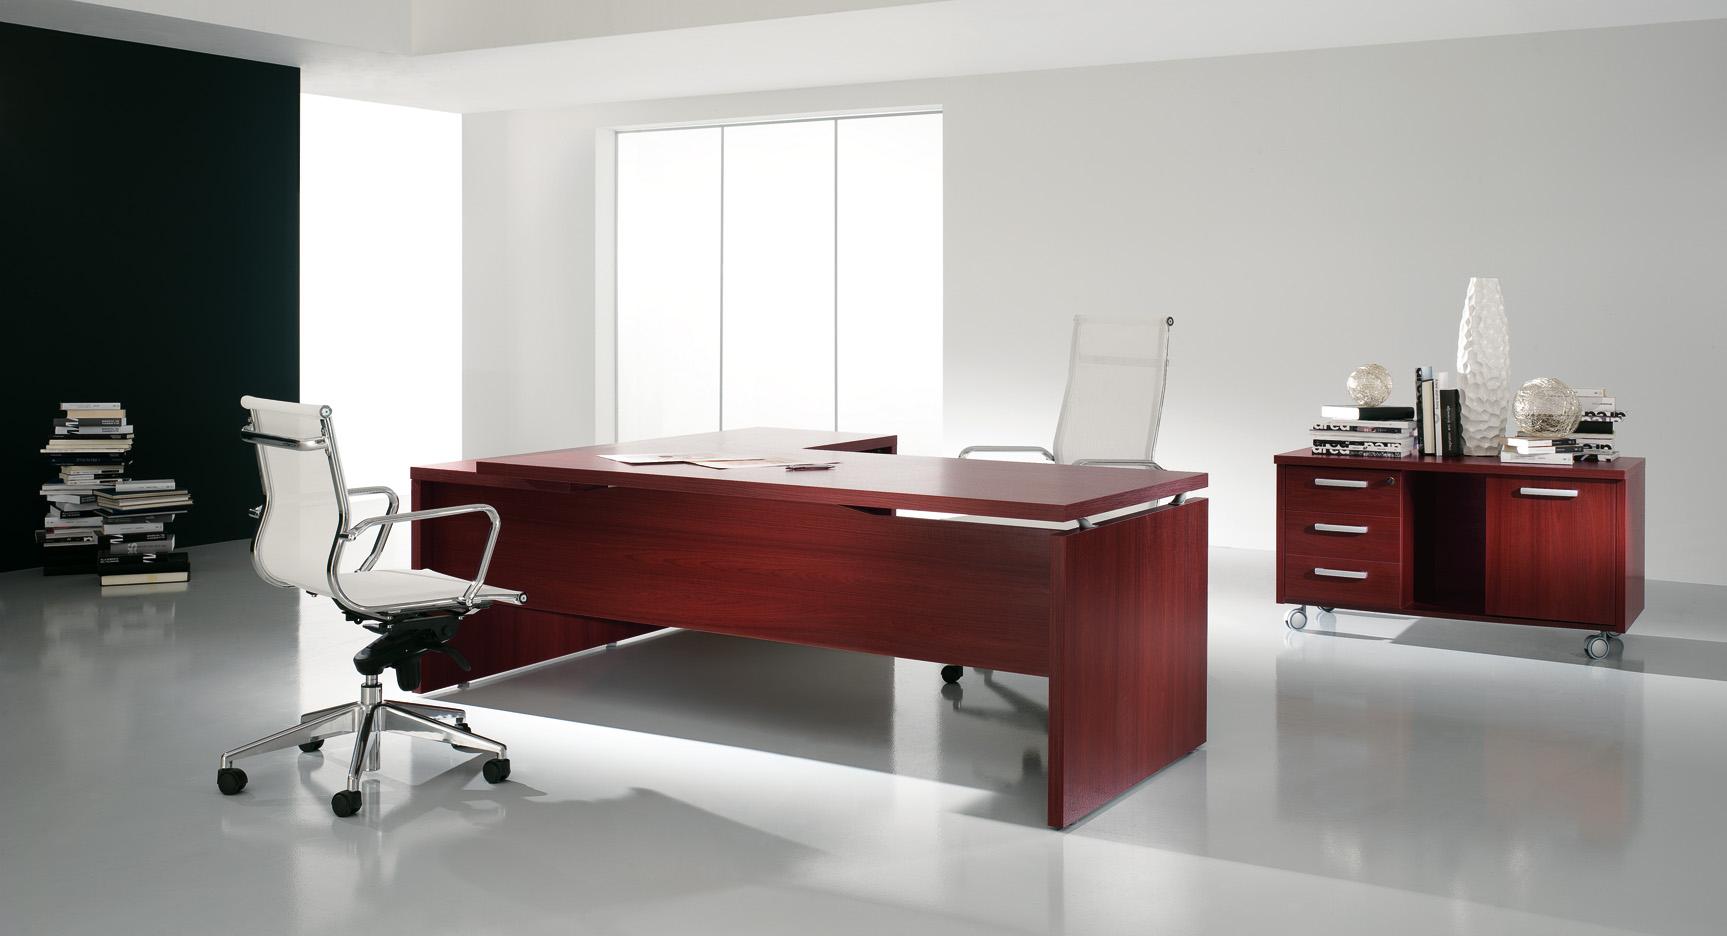 Offerta Ufficio Direzionale Completo 949 00 Gimaoffice